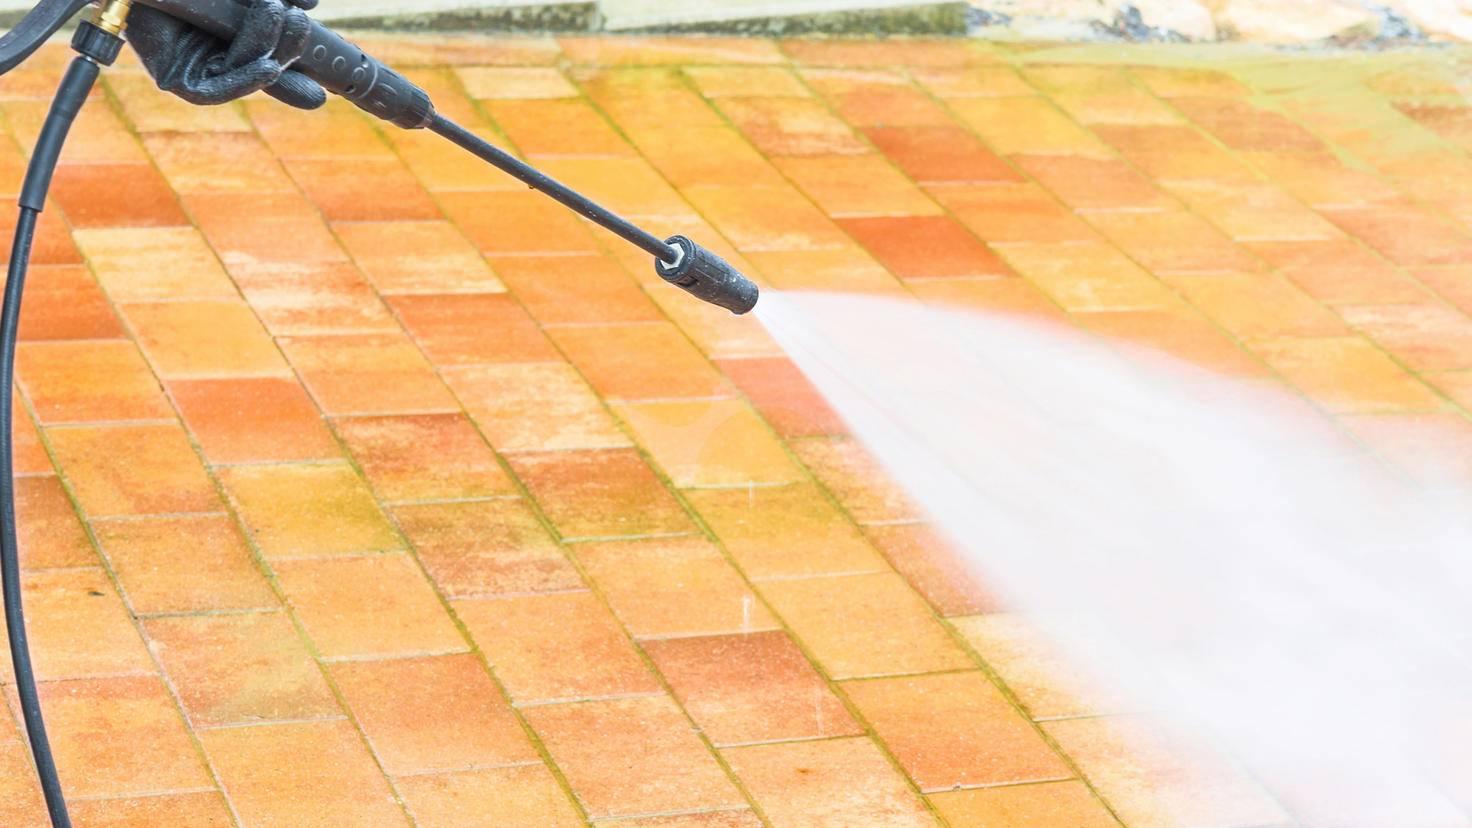 Auch ohne zusätzliches Reinigungsmittel leistet der Hochdruckreiniger ganze Arbeit.